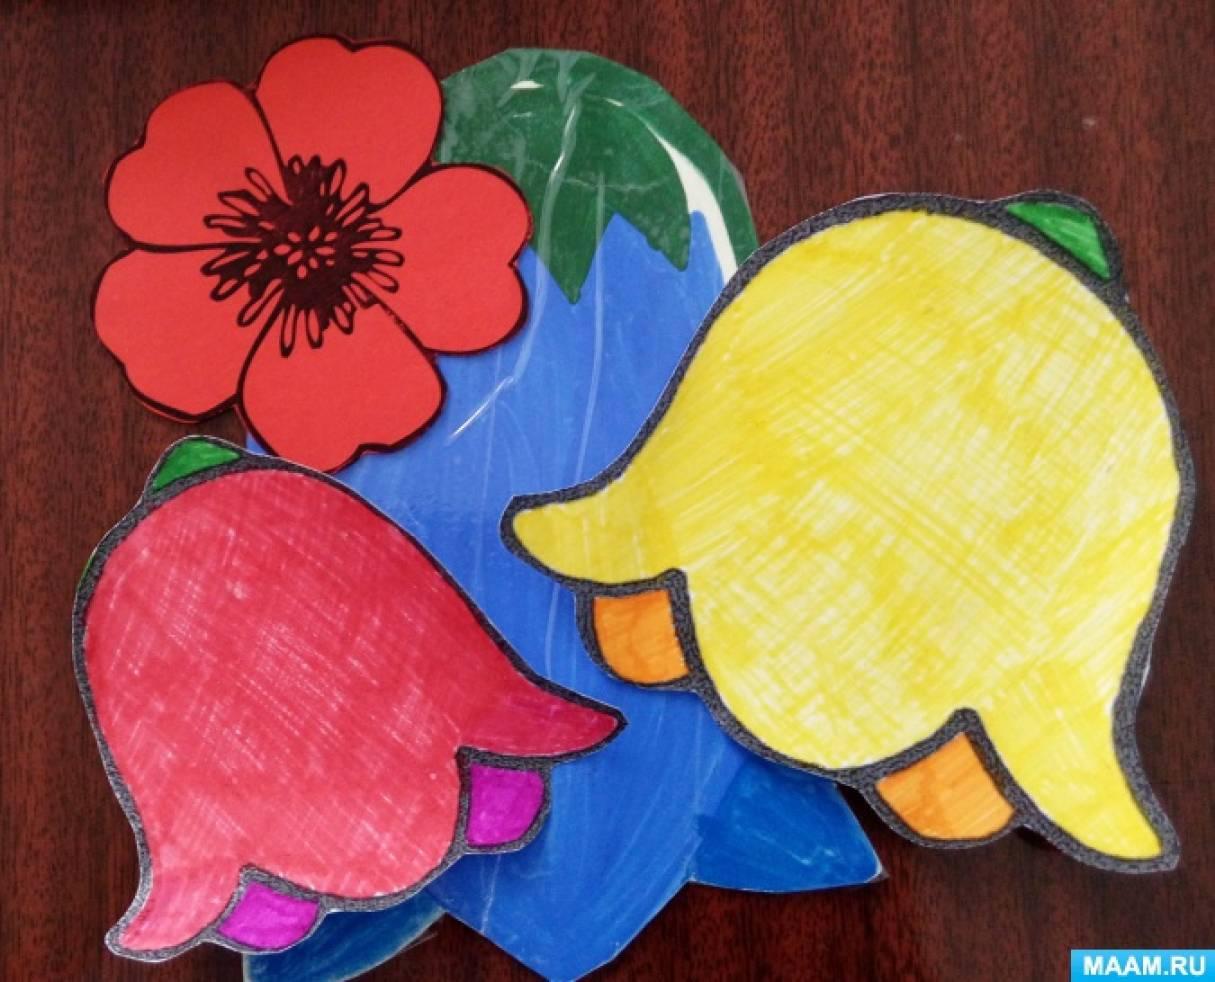 Мастер-класс по изготовлению пособия к музыкально-дидактической игре «Бабочки на цветах»